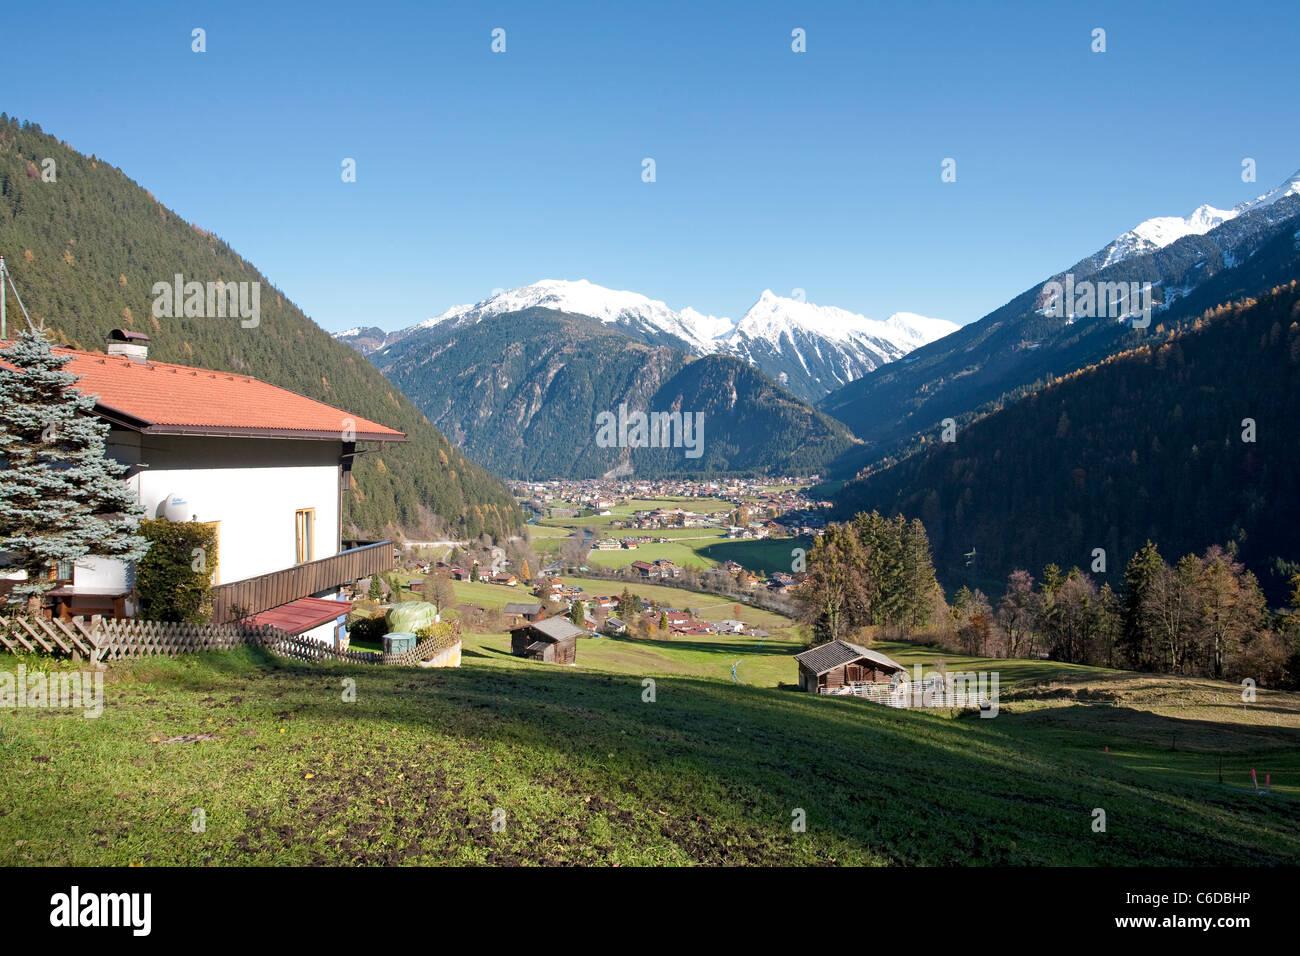 Blick auf Mayrhofen, believer Ferienort und Marktgemeinde im Zillertal, Mayrhofen, famous and popular holiday area - Stock Image